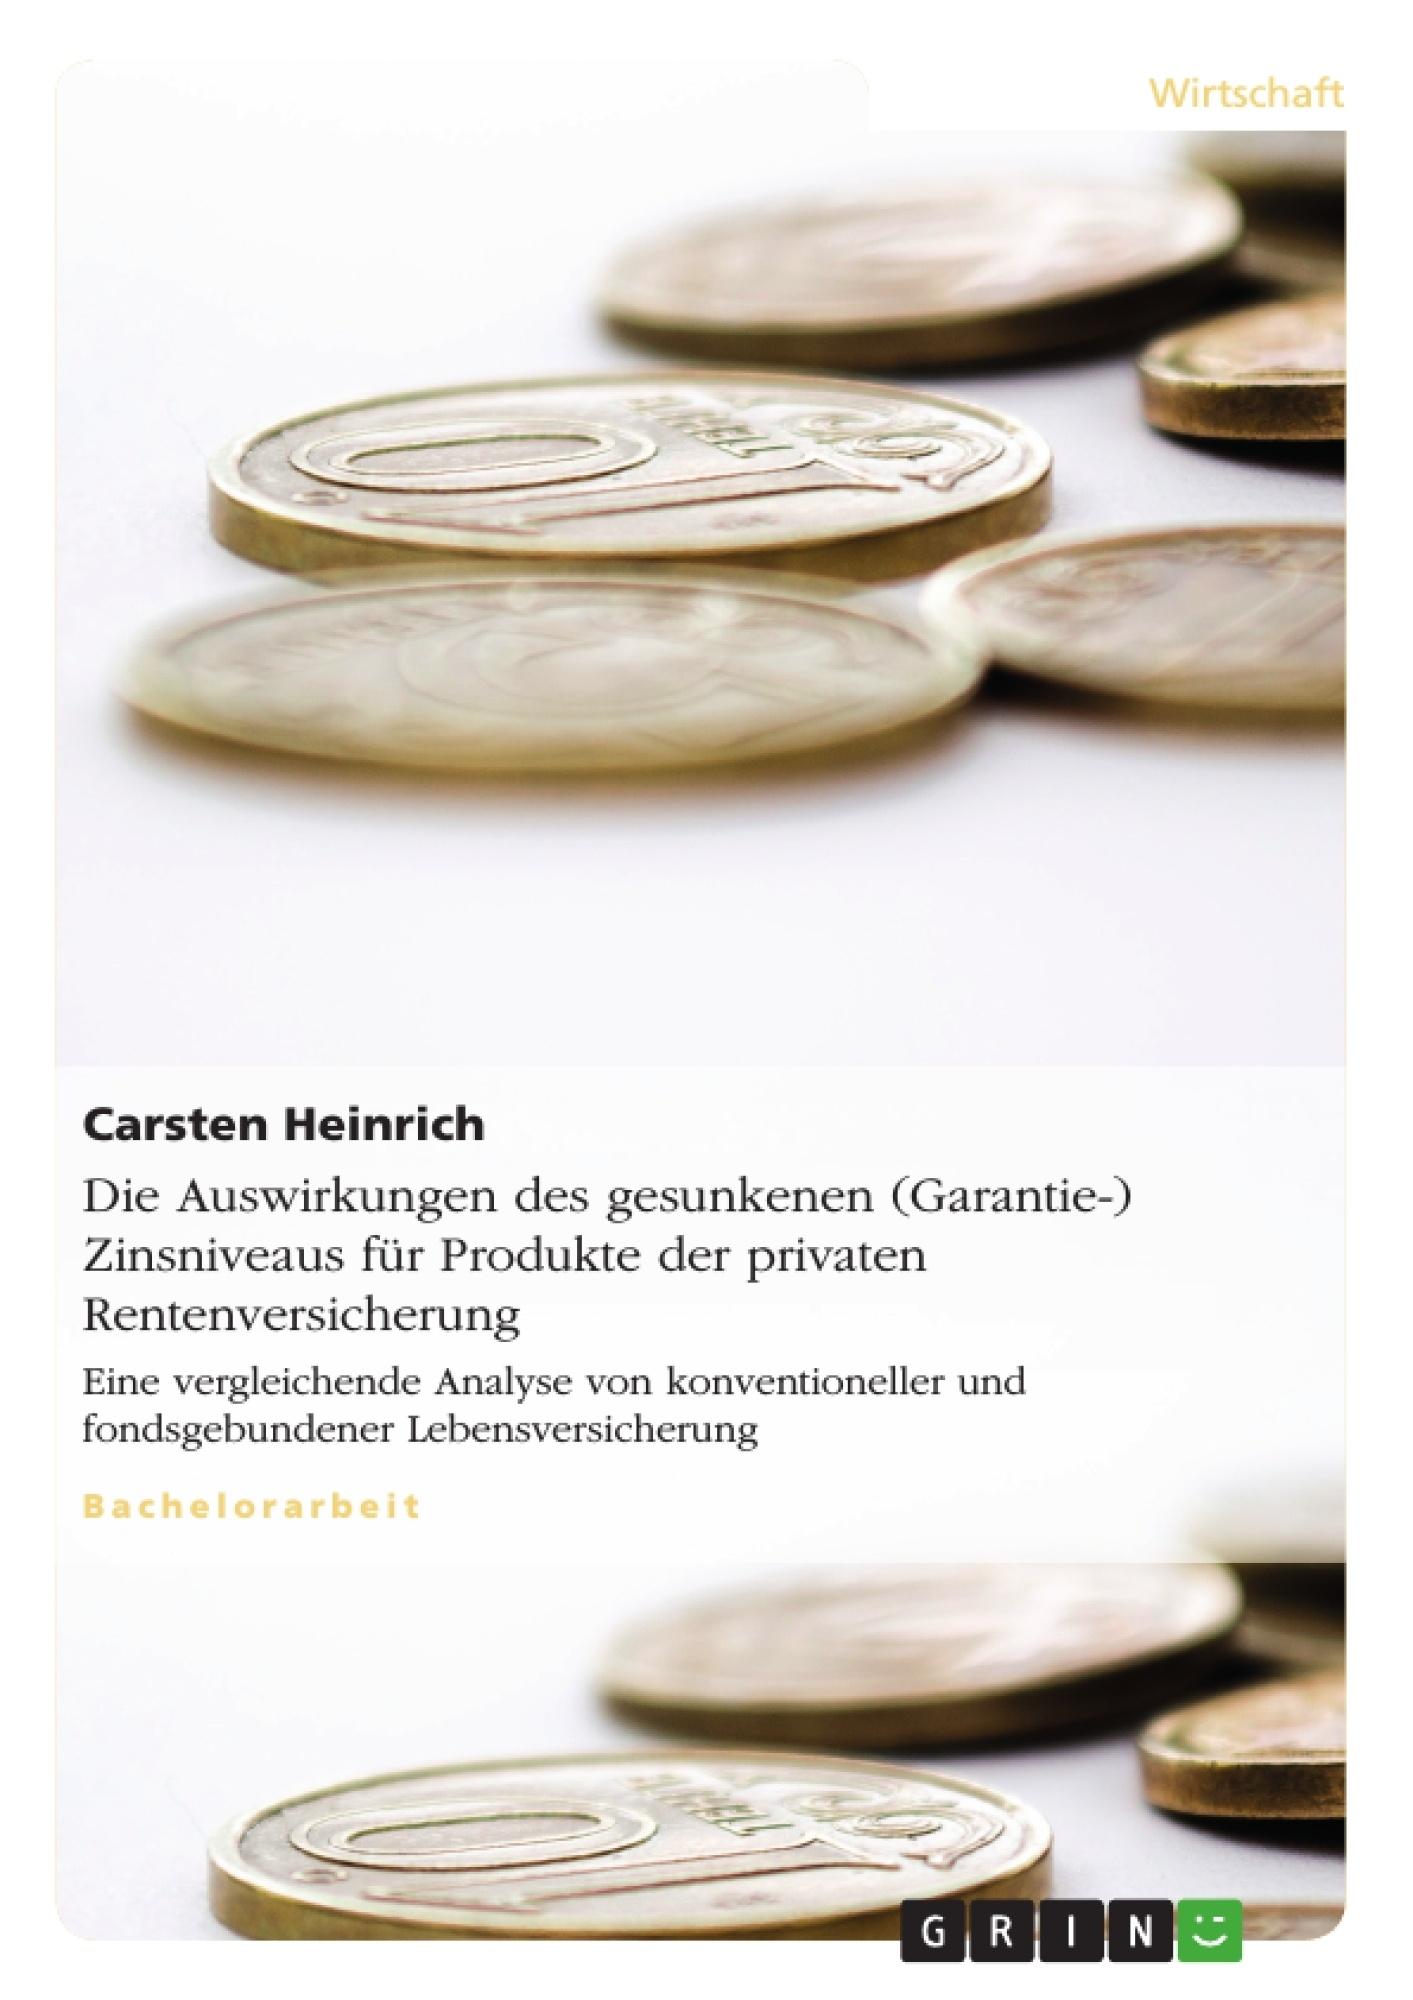 Titel: Die Auswirkungen des gesunkenen (Garantie-) Zinsniveaus für Produkte der privaten Rentenversicherung